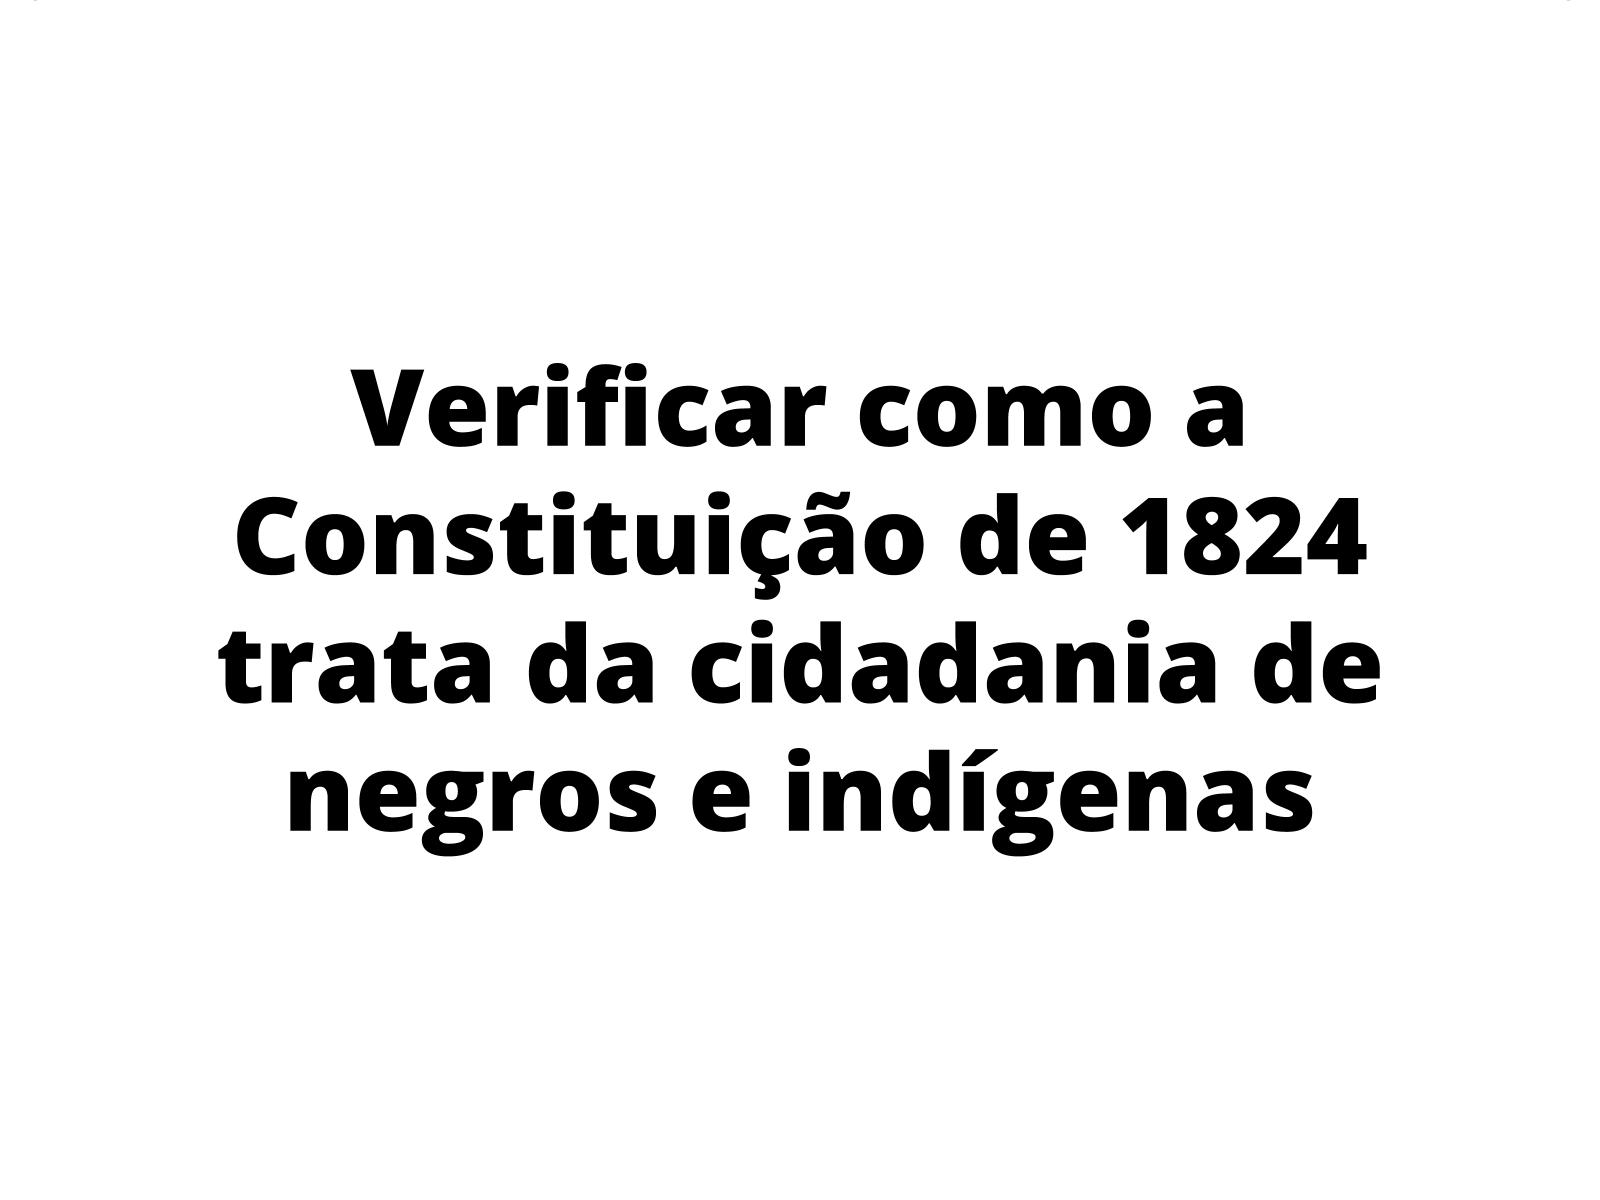 A Constituição de 1824 e a ausência de cidadania de negros e indígenas